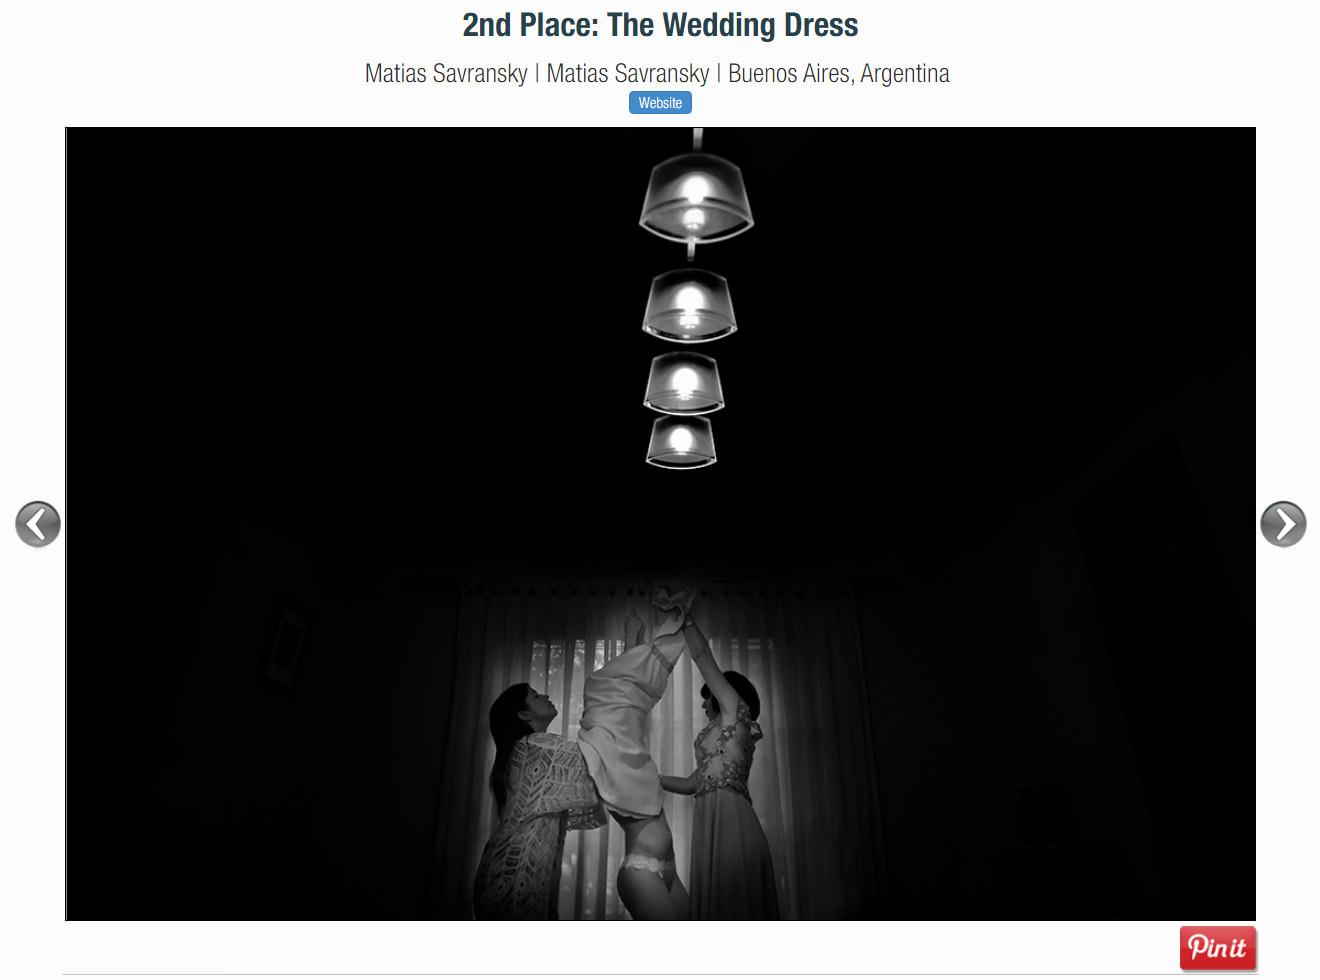 foto de casamiento premiada por la ispwp de matias savransky fotografo buenos aires